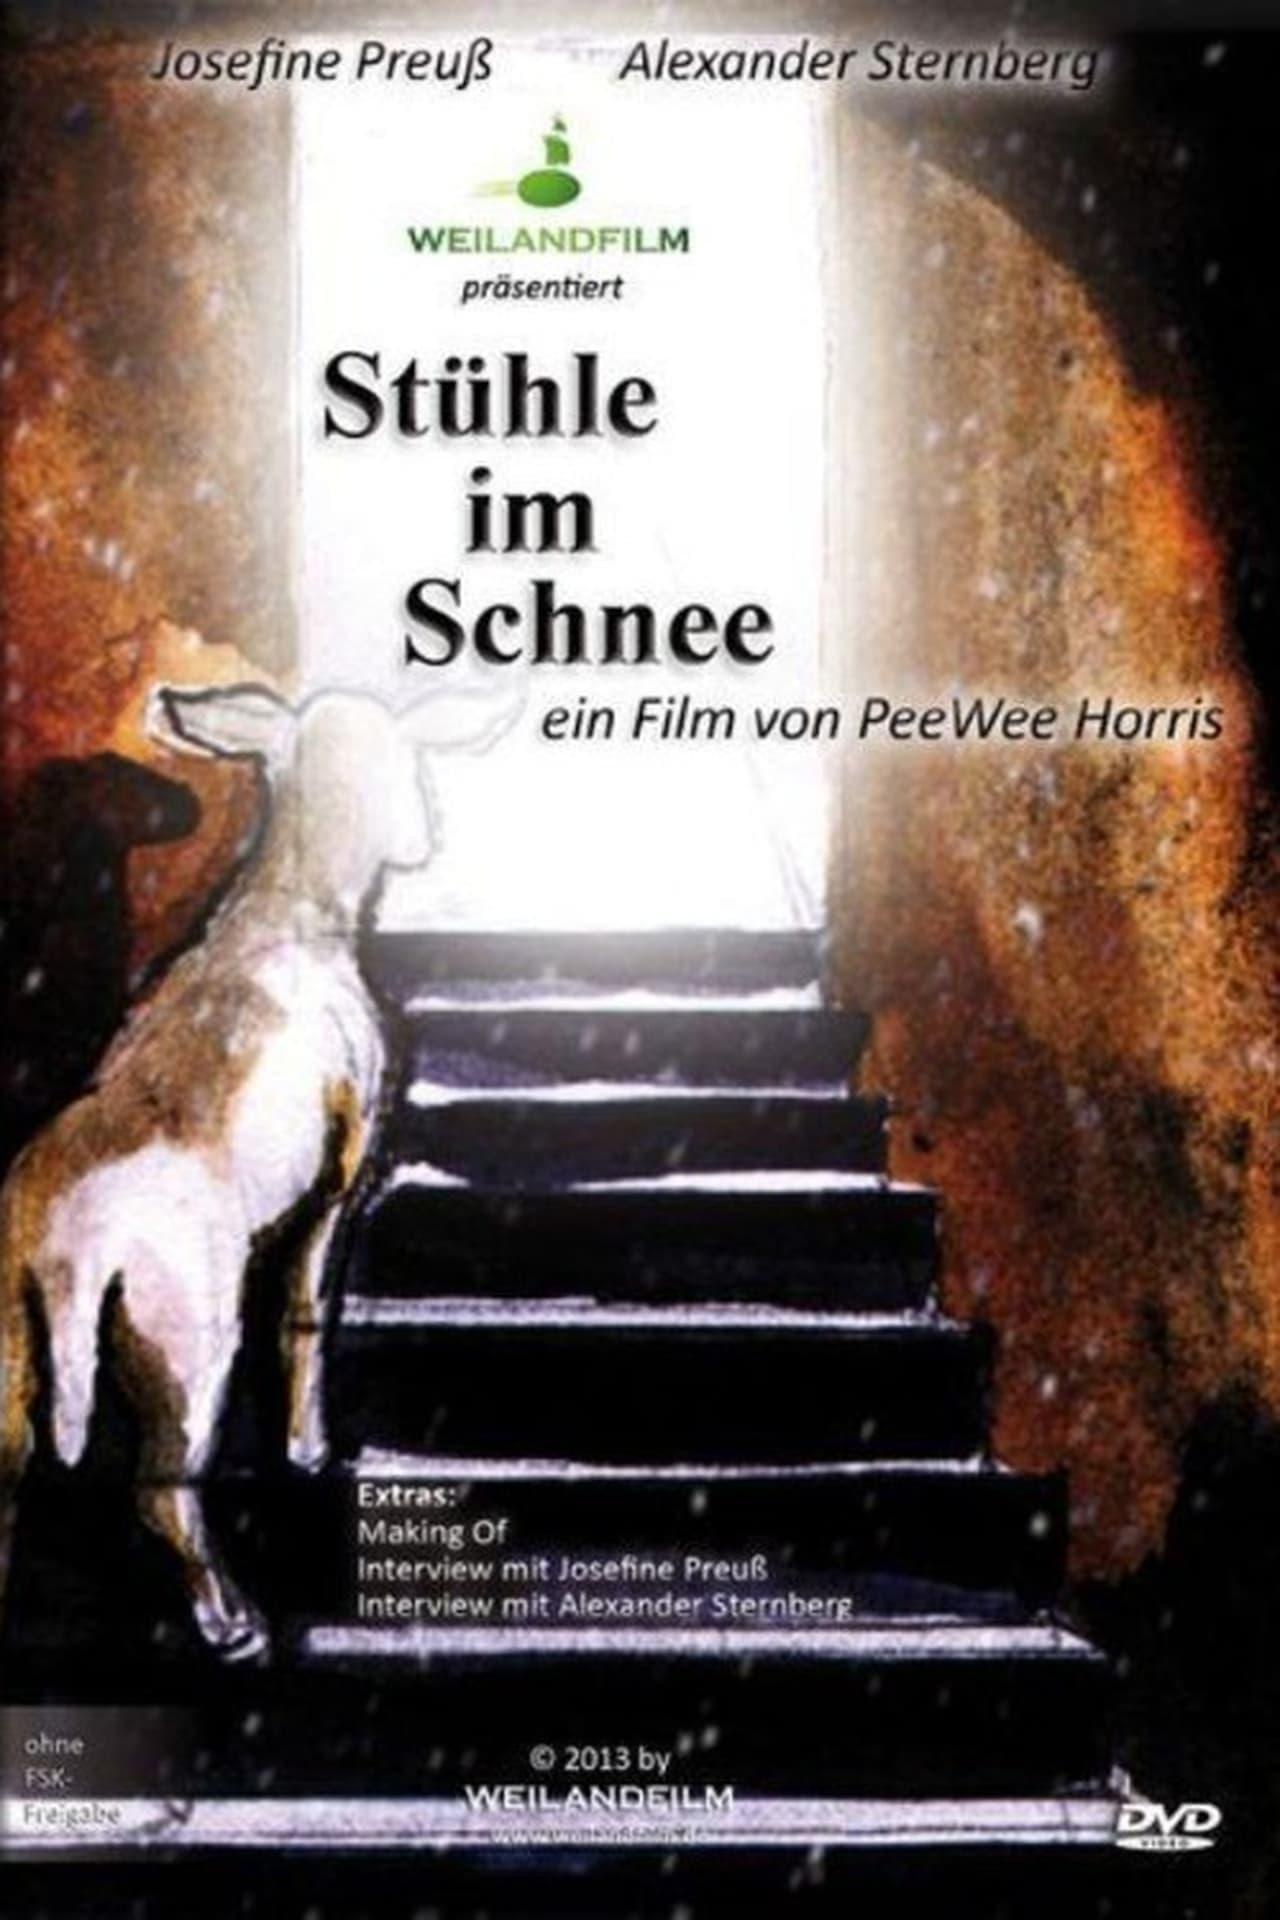 Stühle im Schnee (2007) - Filmer - Film . nu